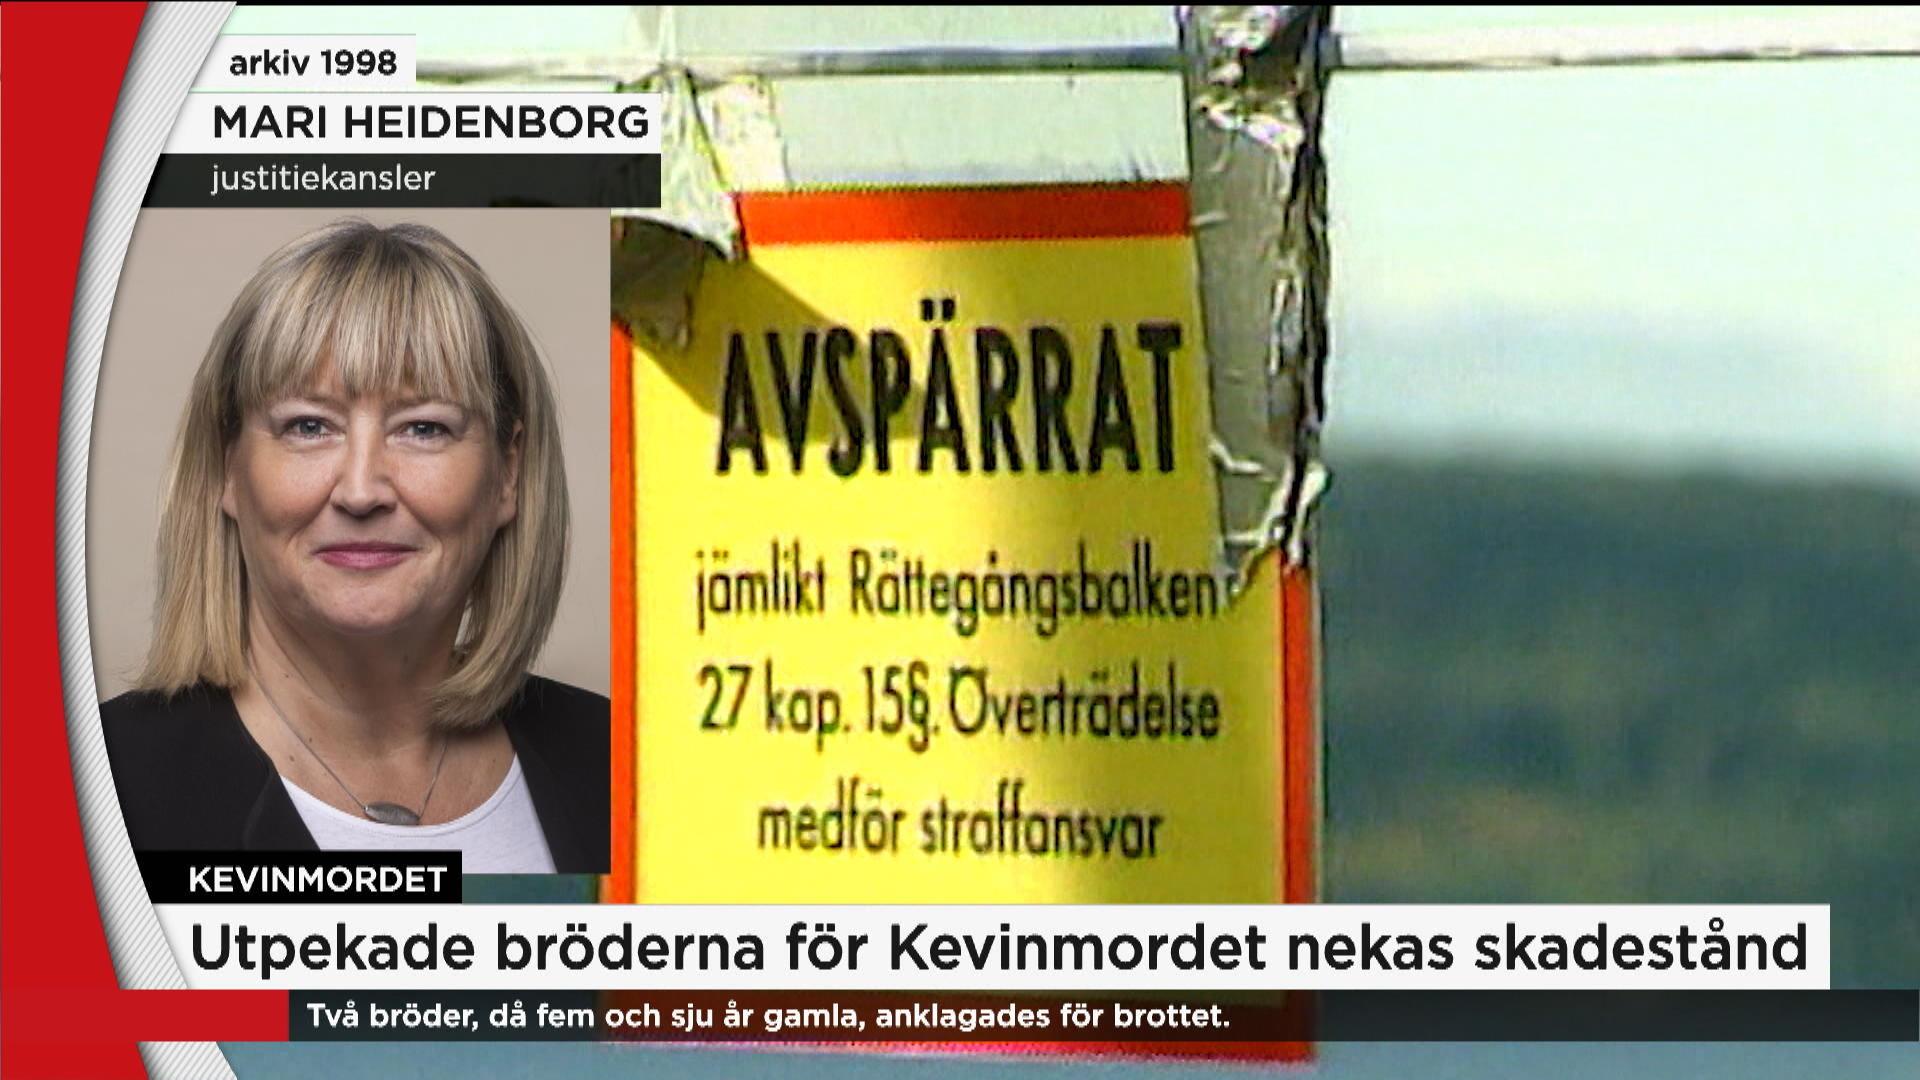 JK: Därför kan inte bröderna i Kevinfallet få skadestånd - tv4.se